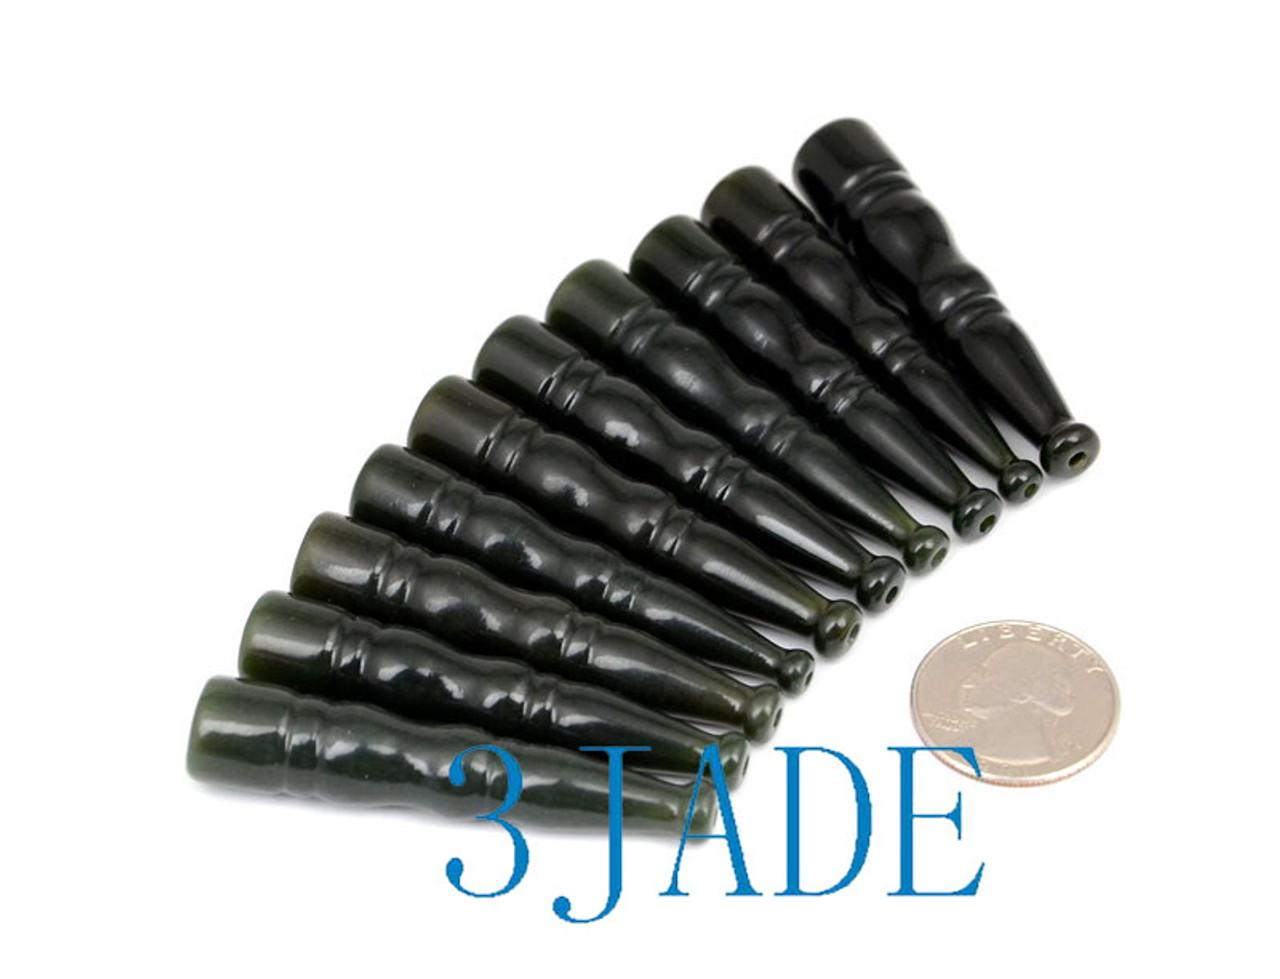 jade cigarette holder wholesale